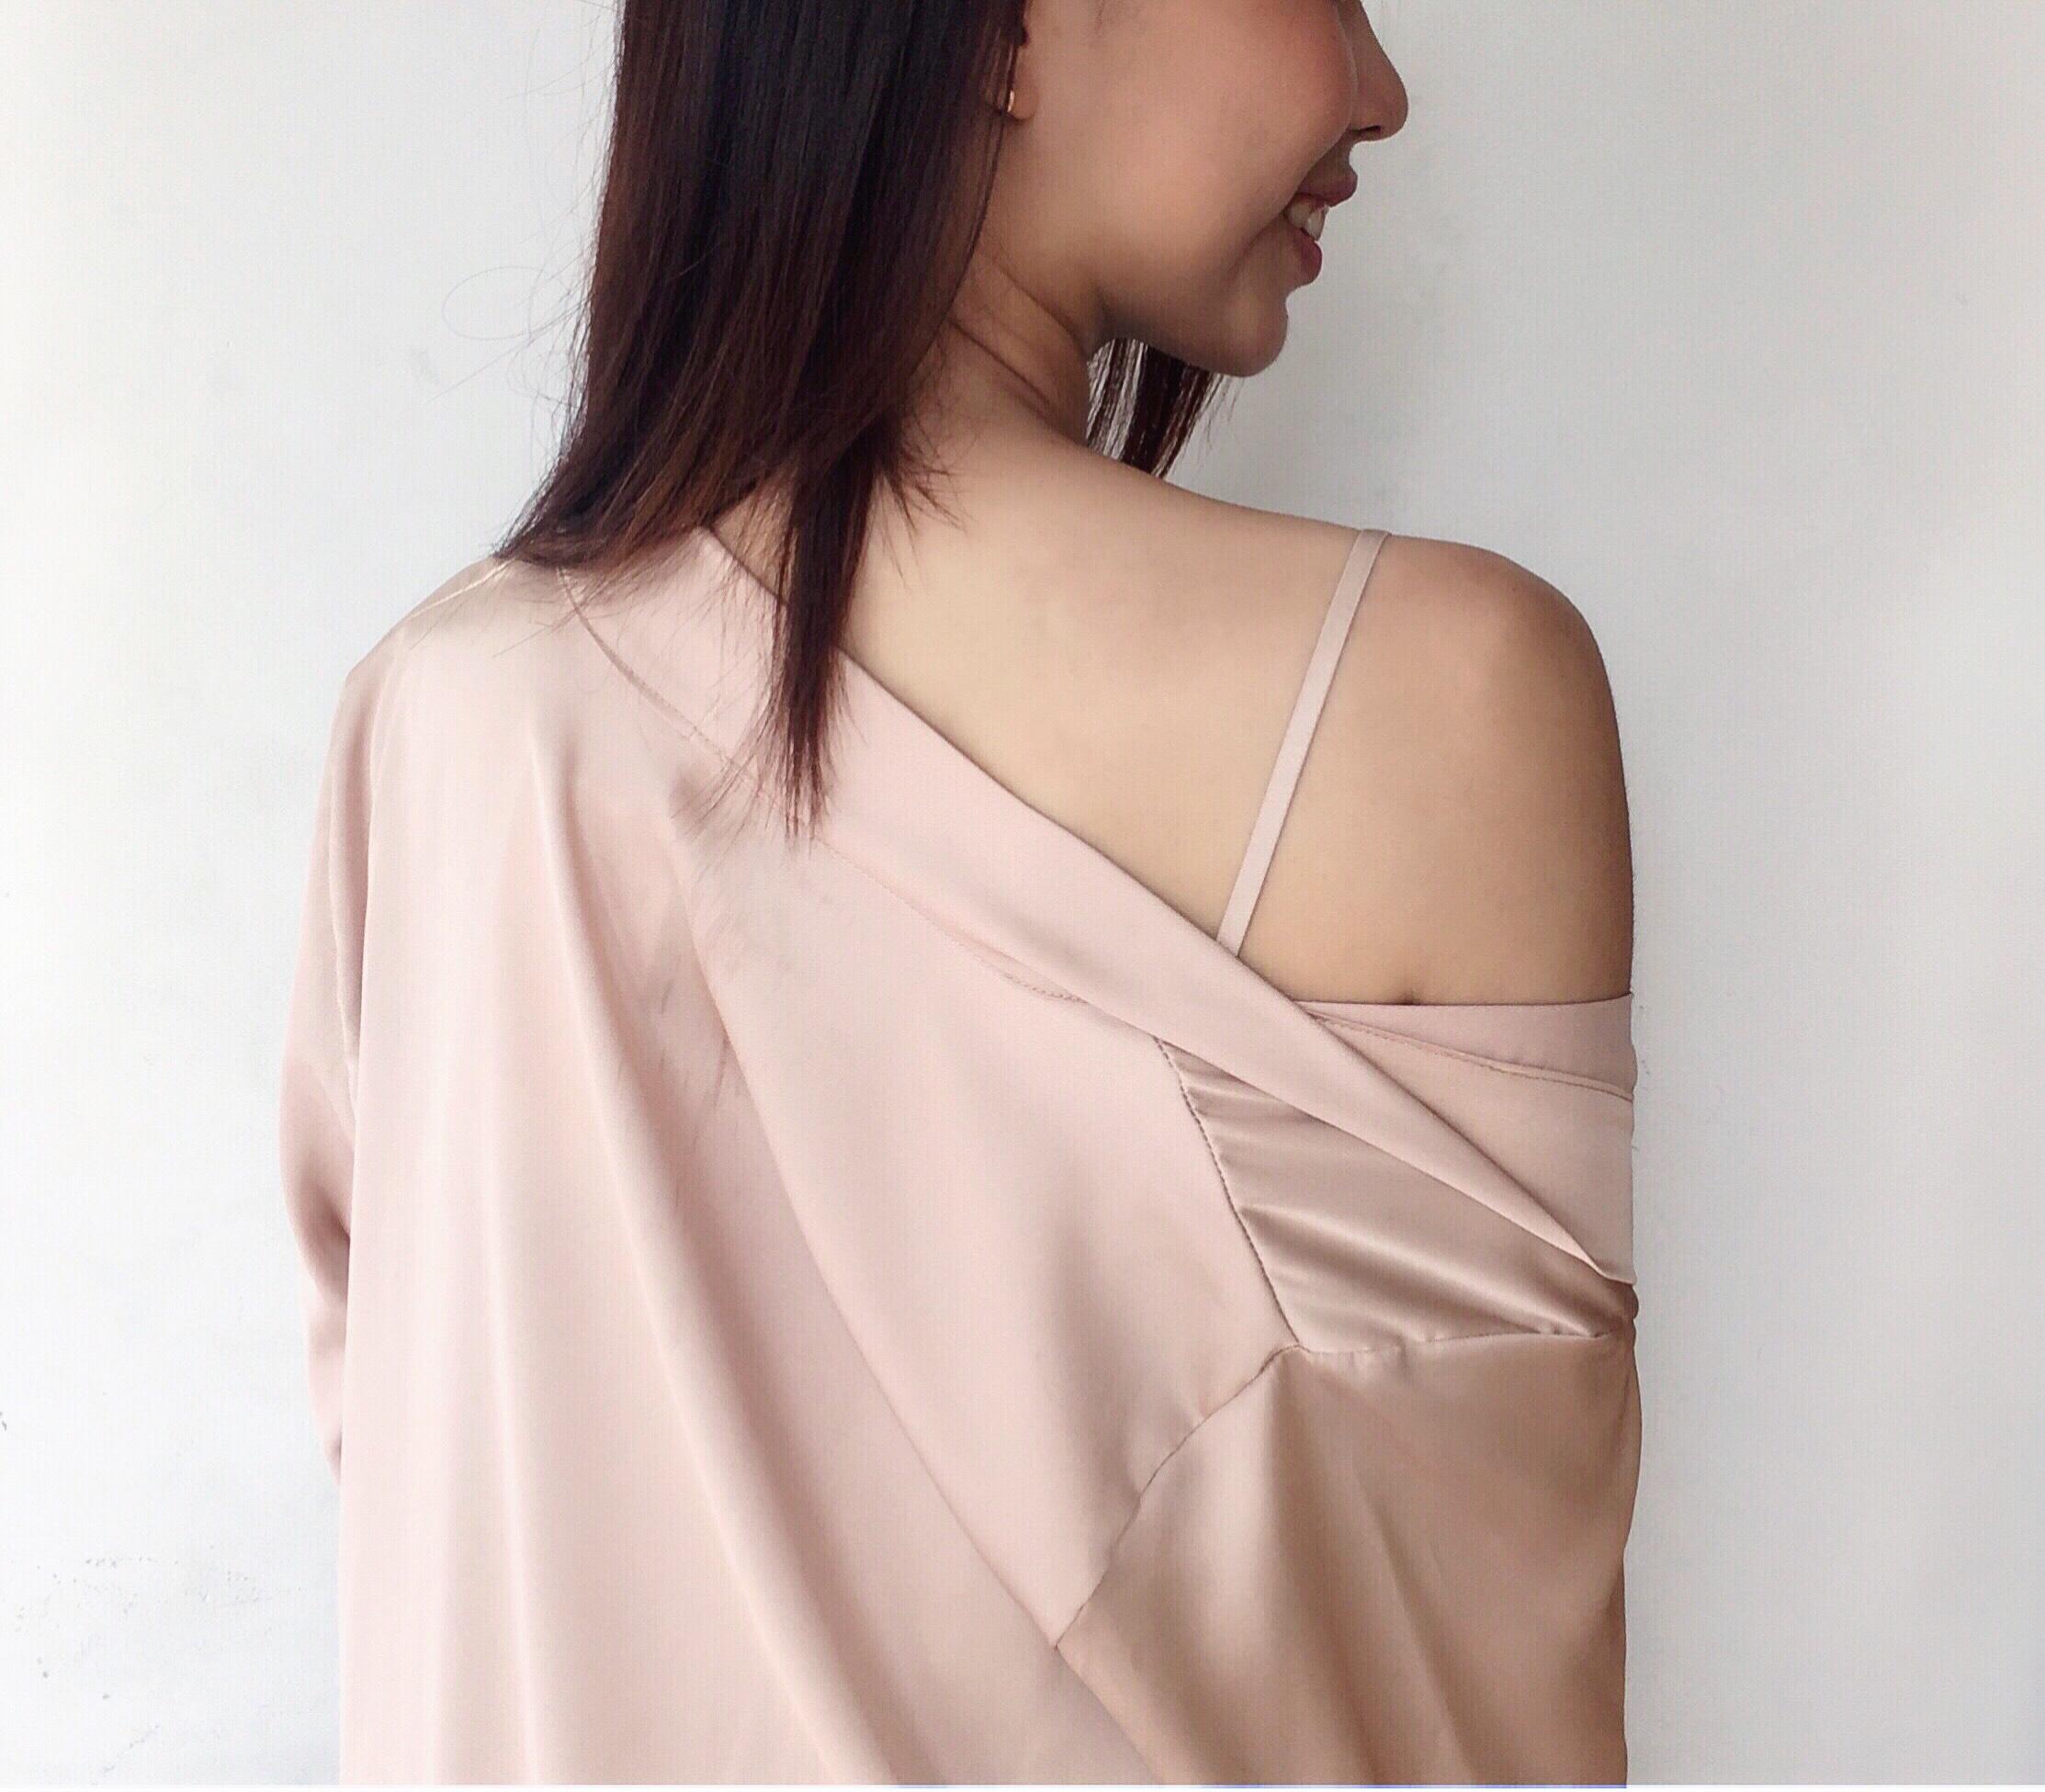 [HATU SLEEPWEAR] Set áo choàng+váy ngủ lụa cao cấp -Màu nude tặng kèm quần chip ren